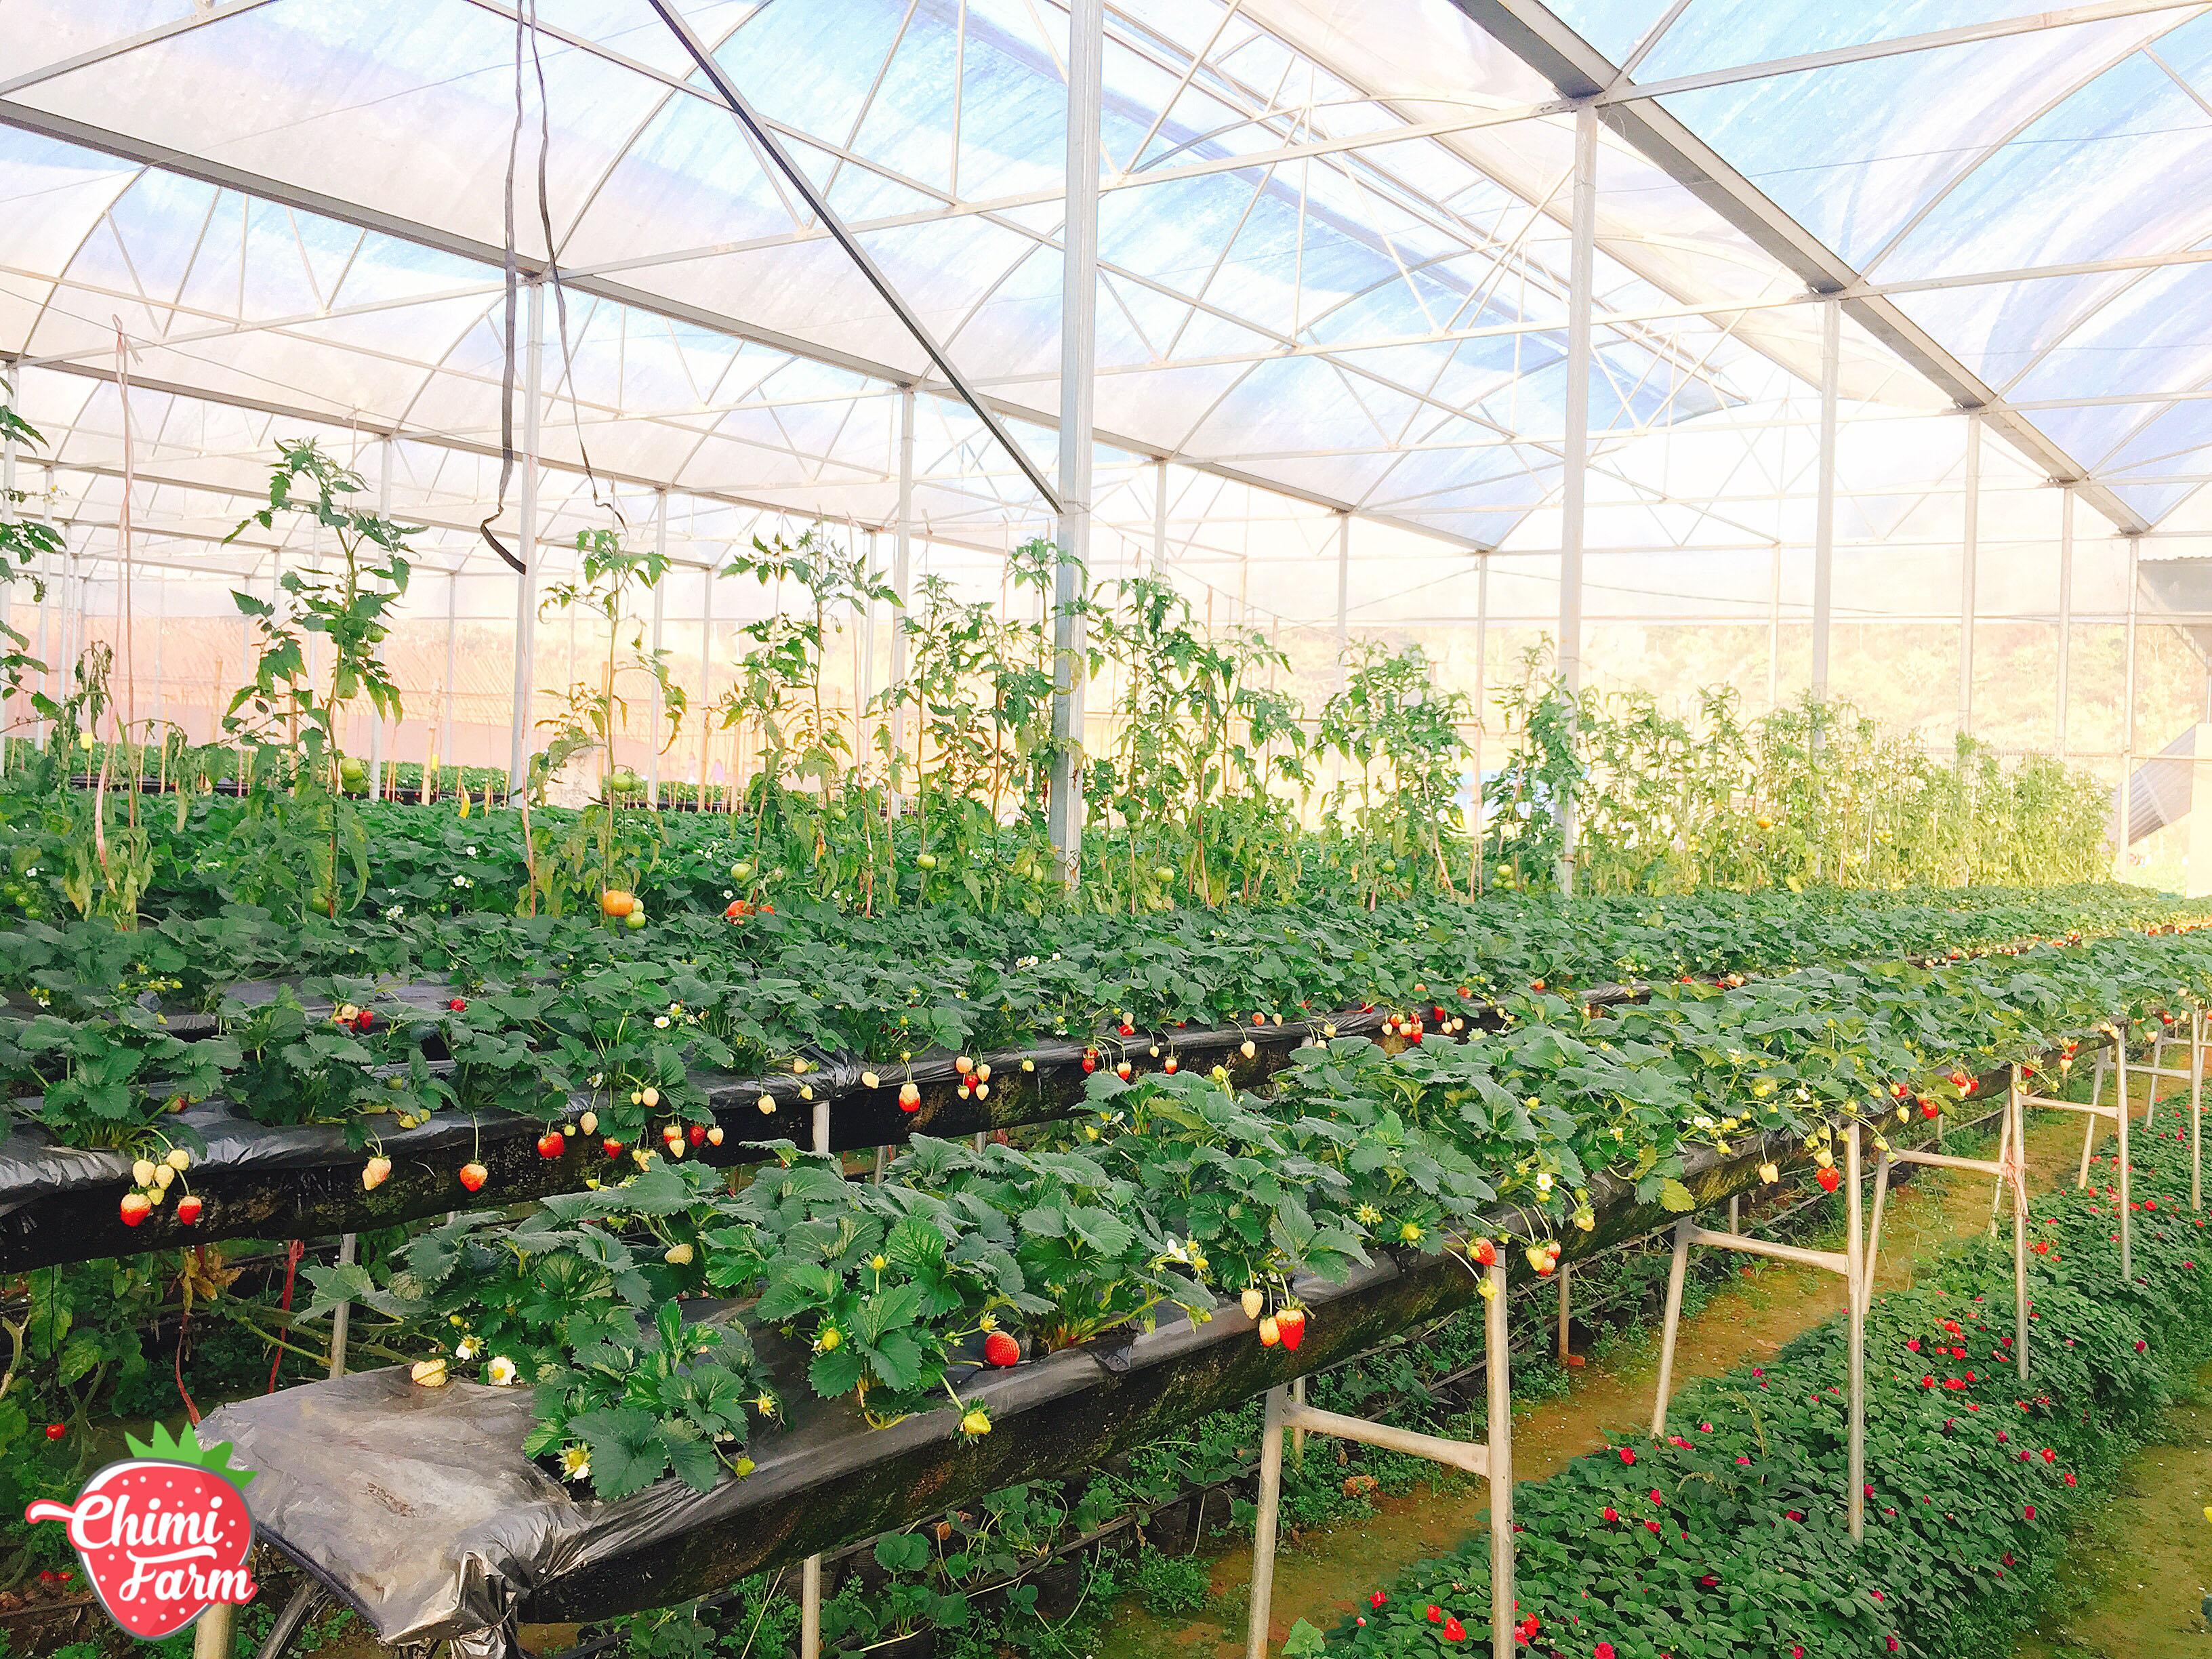 Dâu tây Tochiotome Nhật Bản sai trĩu quả của Chimi Farm